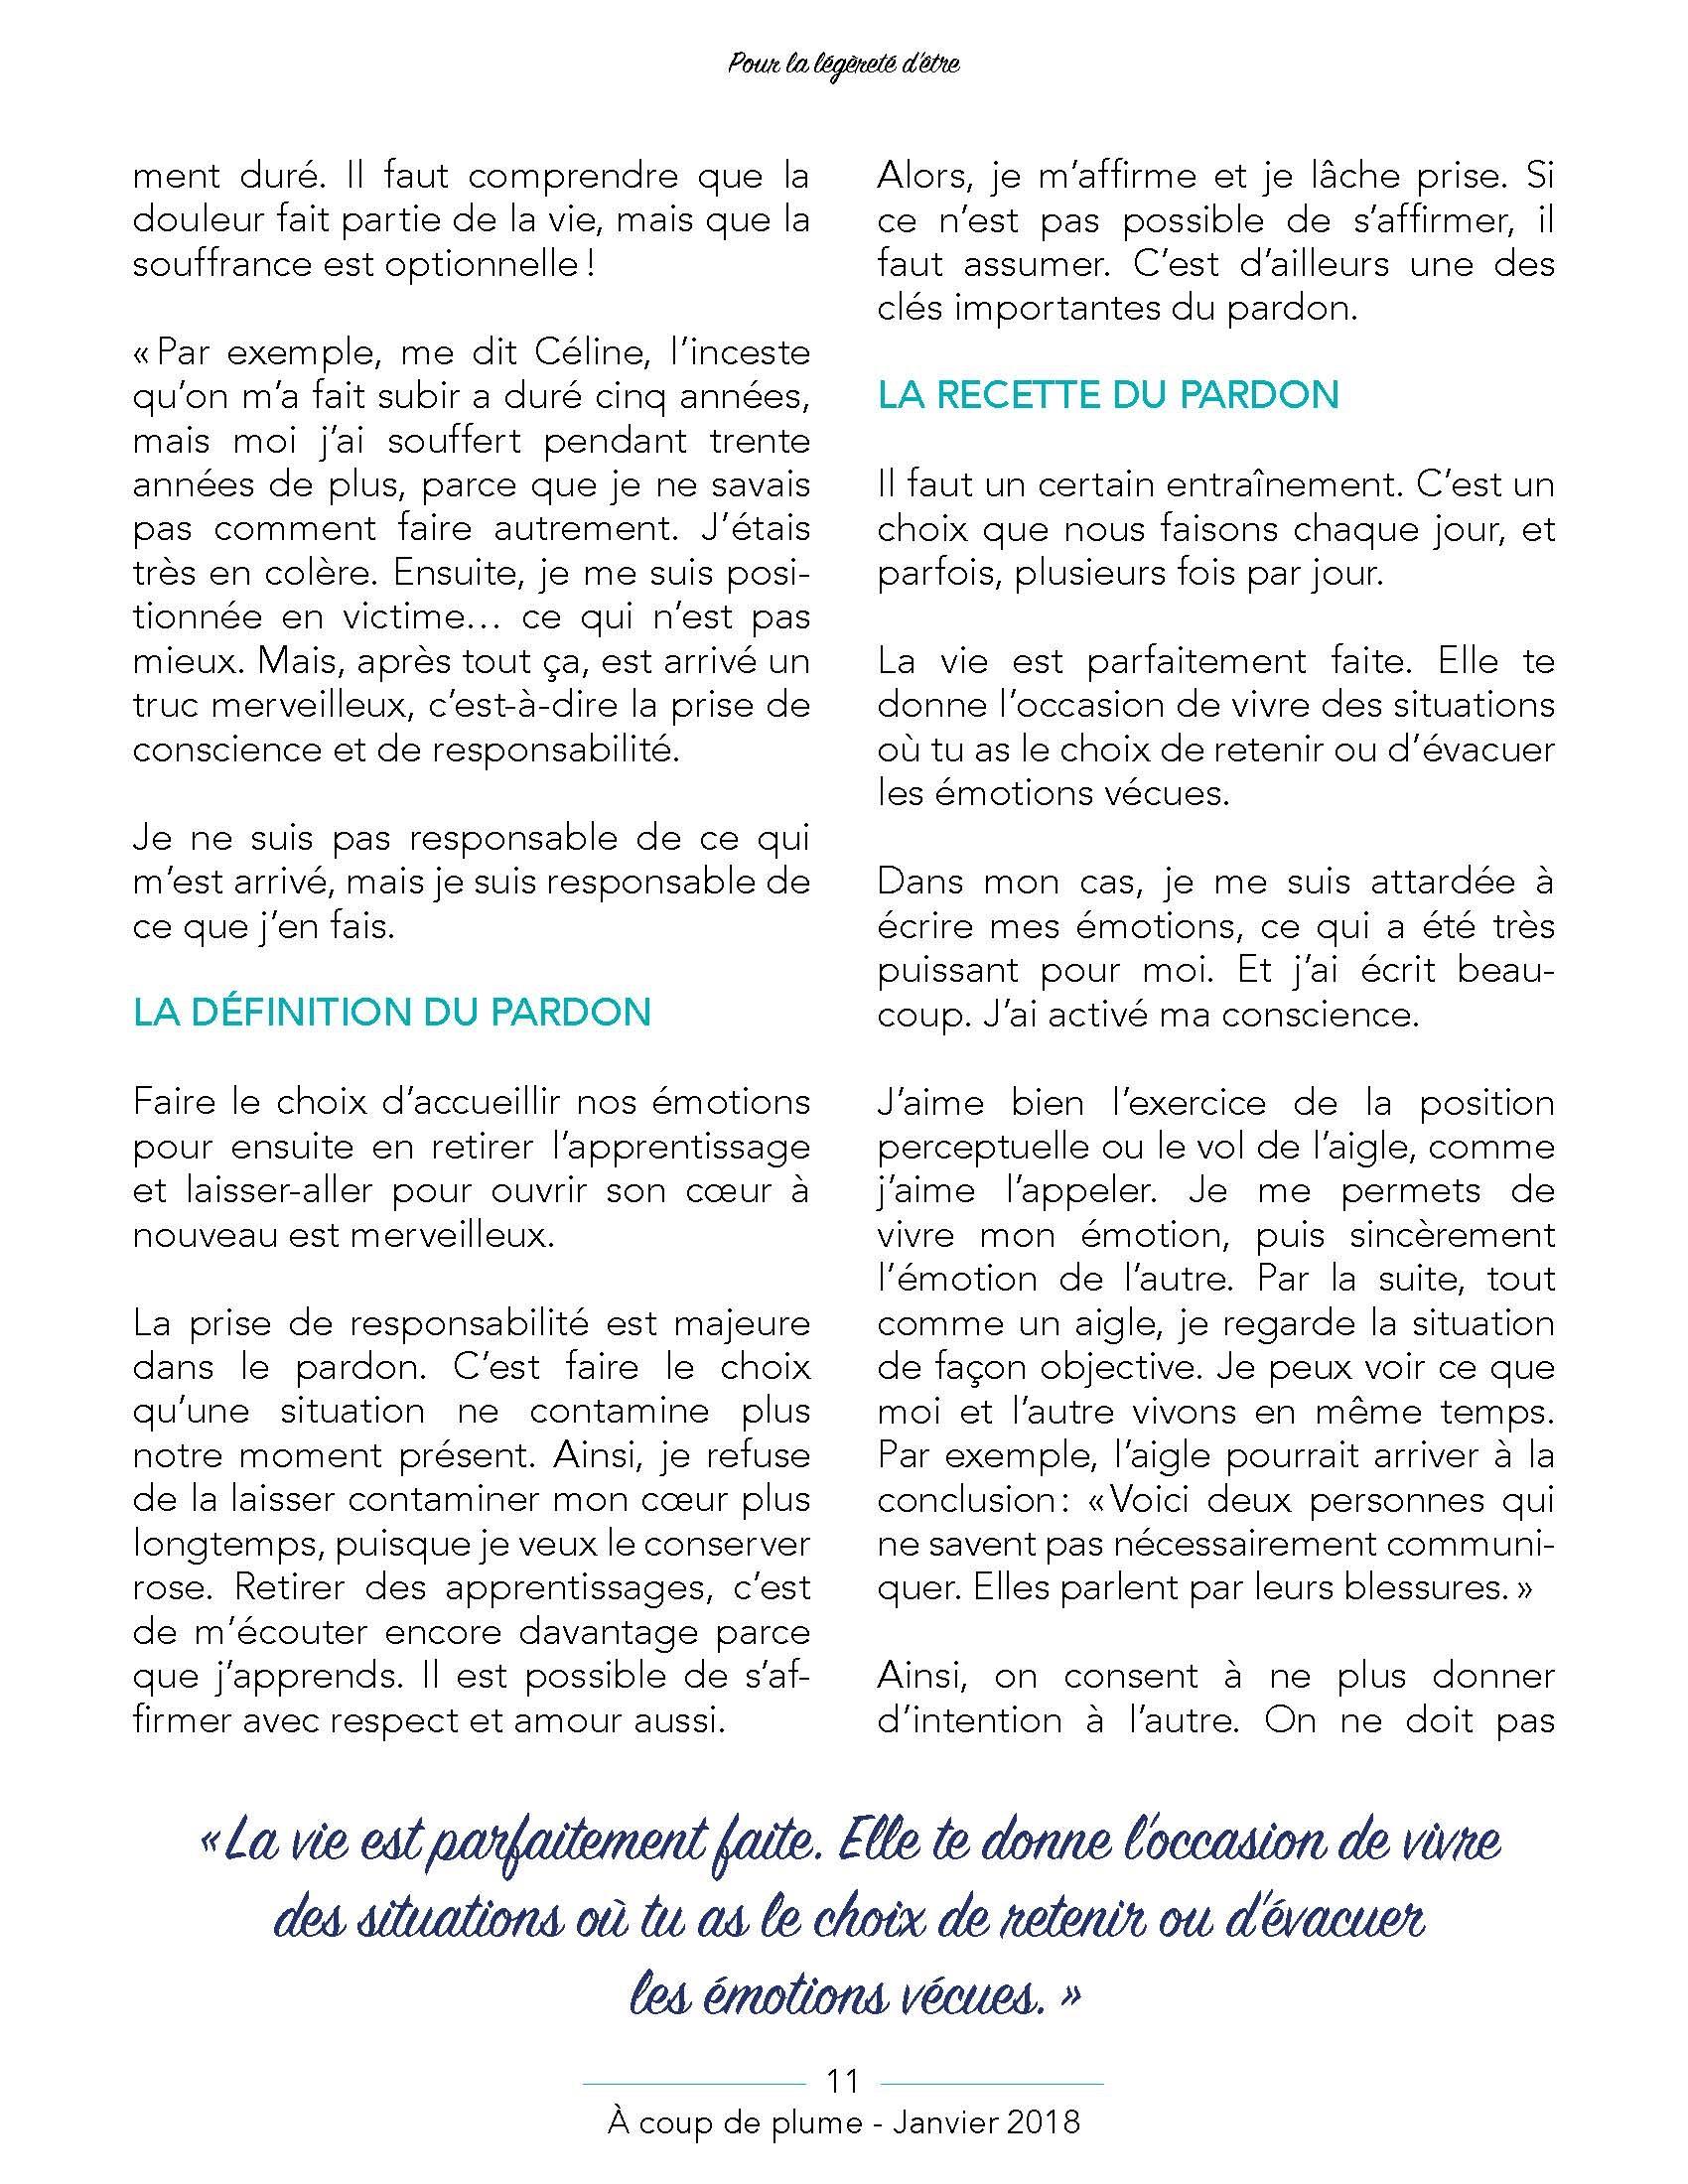 ACP - Janvier 2018 - Page 11